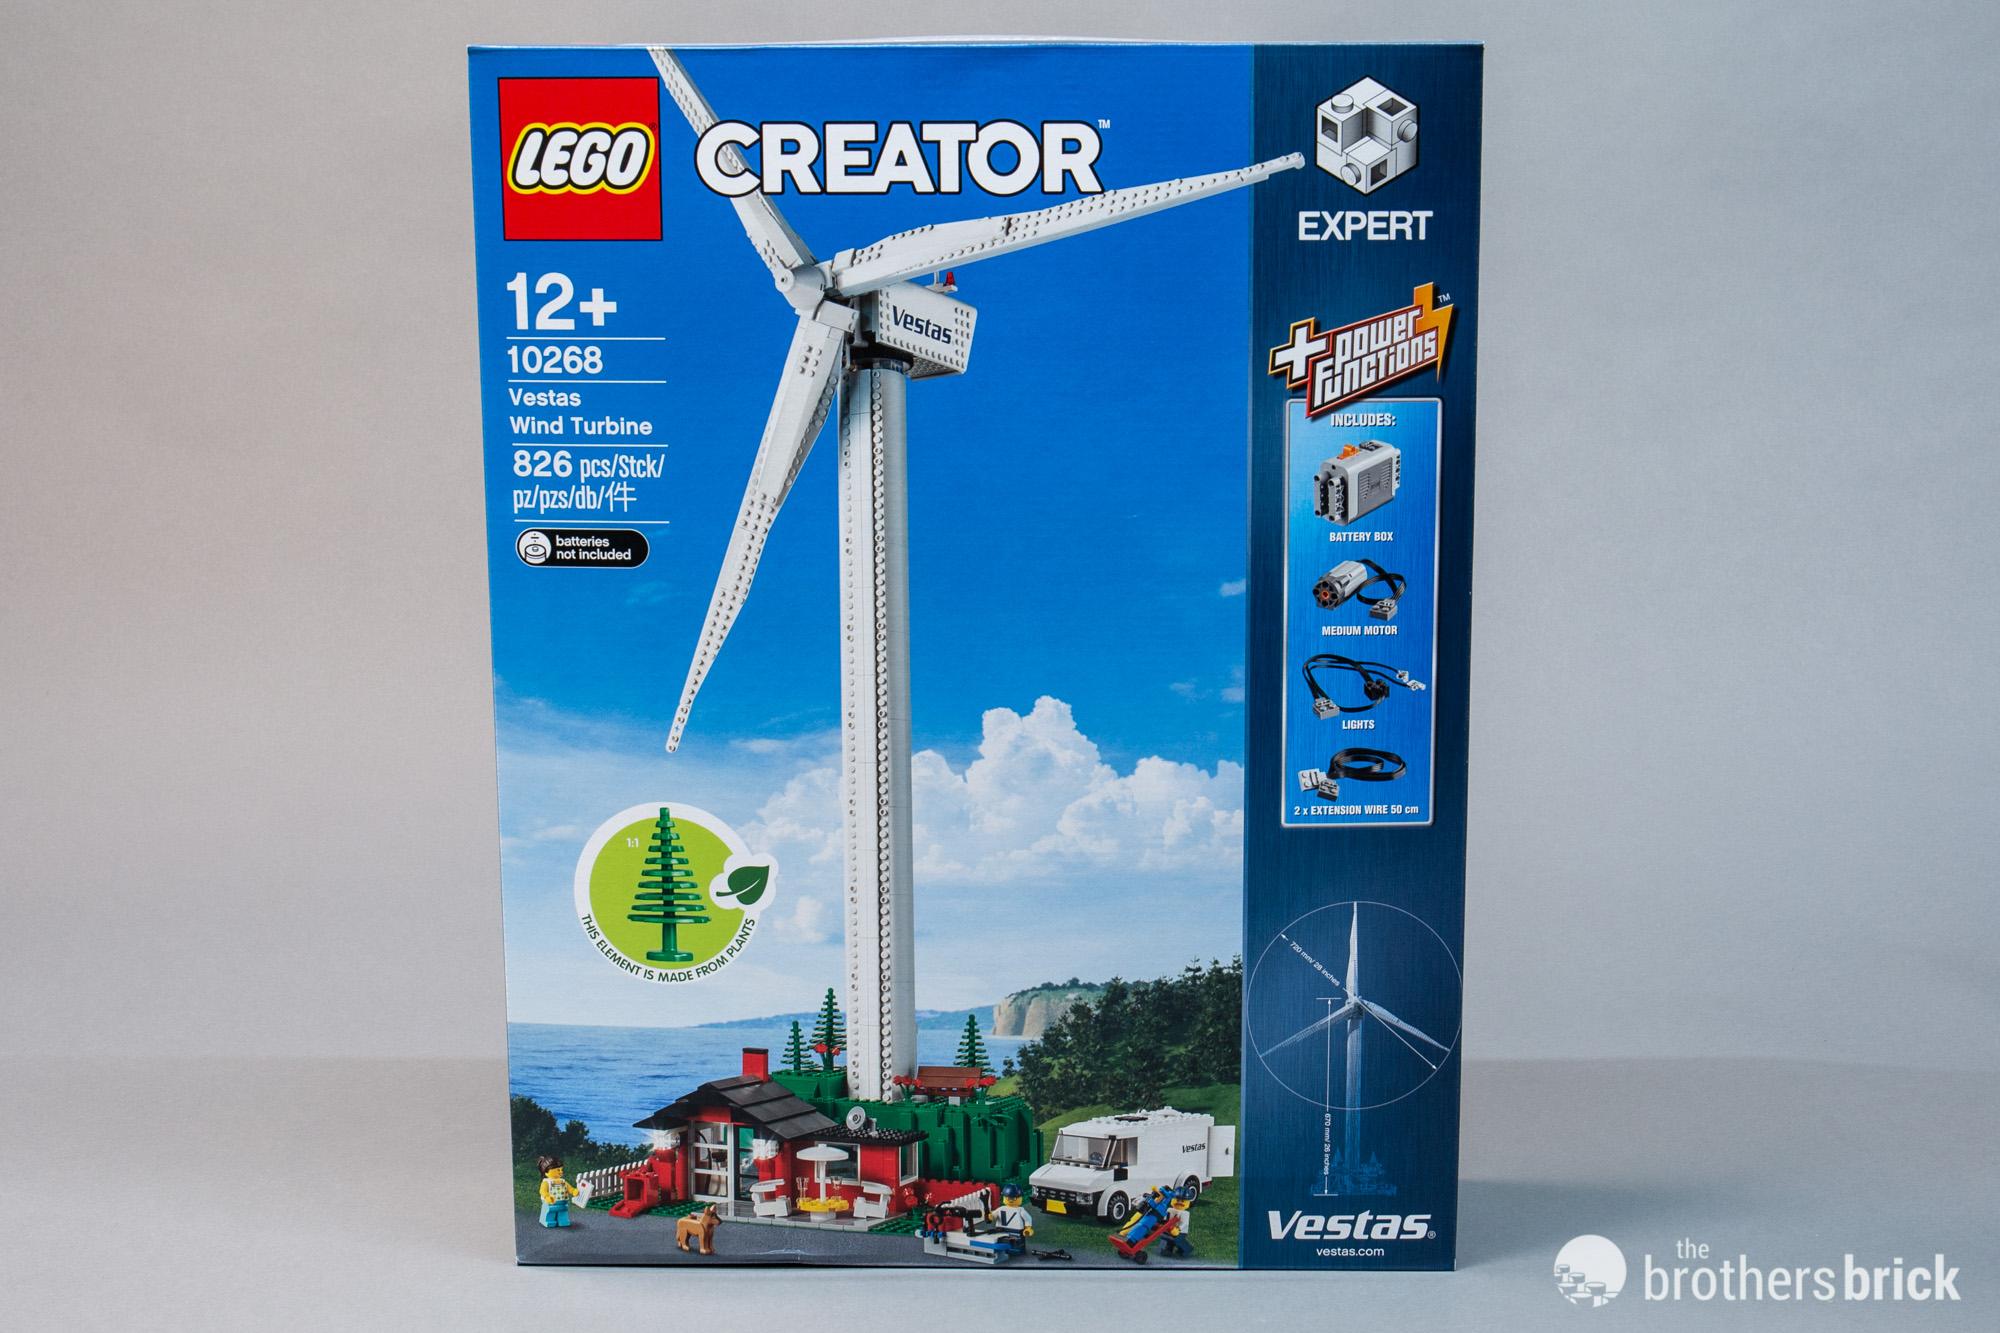 LEGO 10268 Vestas Wind Turbine is back as the newest Creator